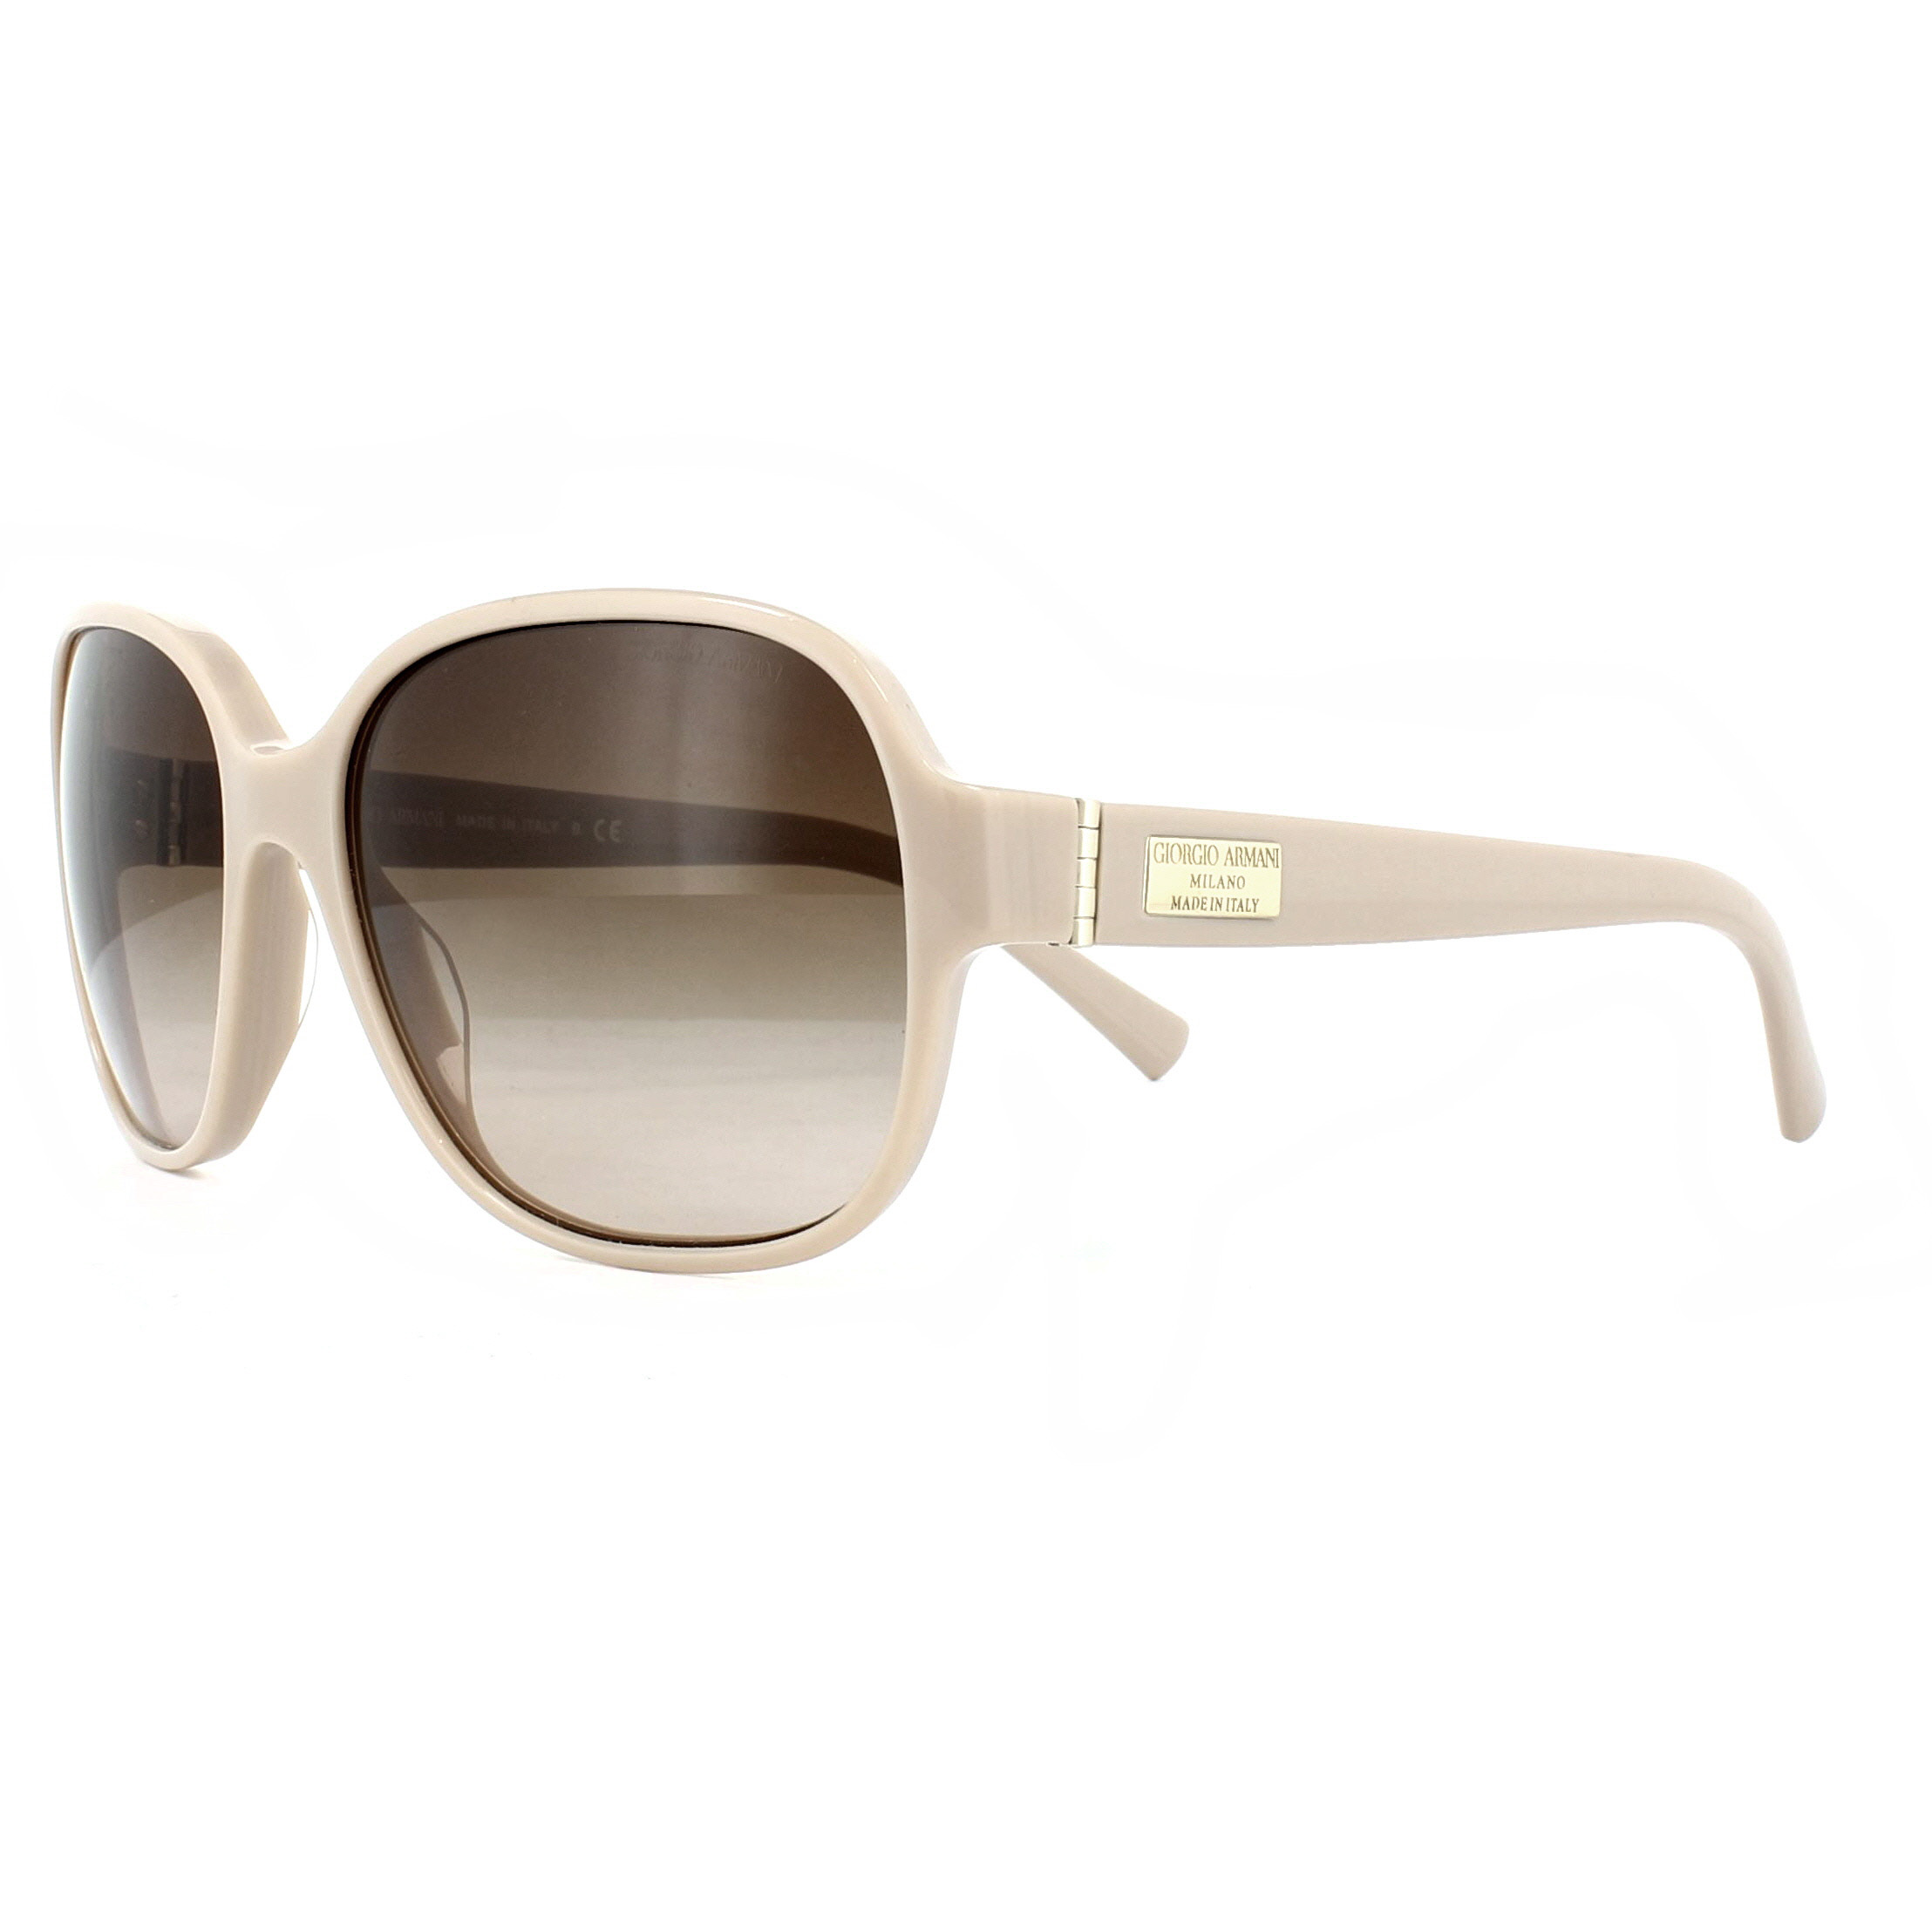 b18e7f6c252 Details about Giorgio Armani Sunglasses AR8020 511713 Beige Brown Gradient